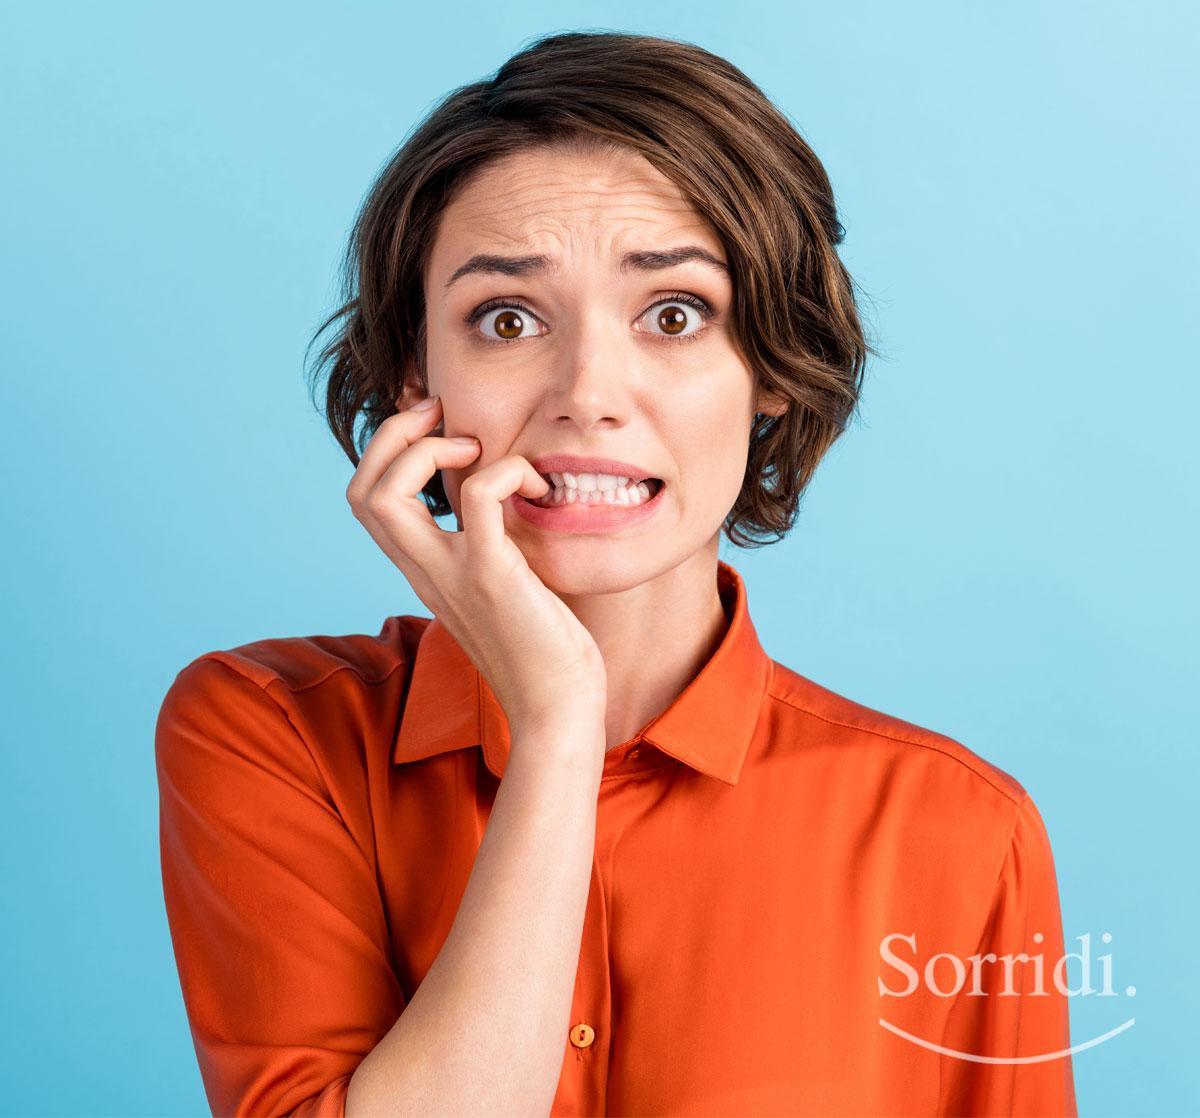 Sorridi-ch-magazine-denti-si-muovono